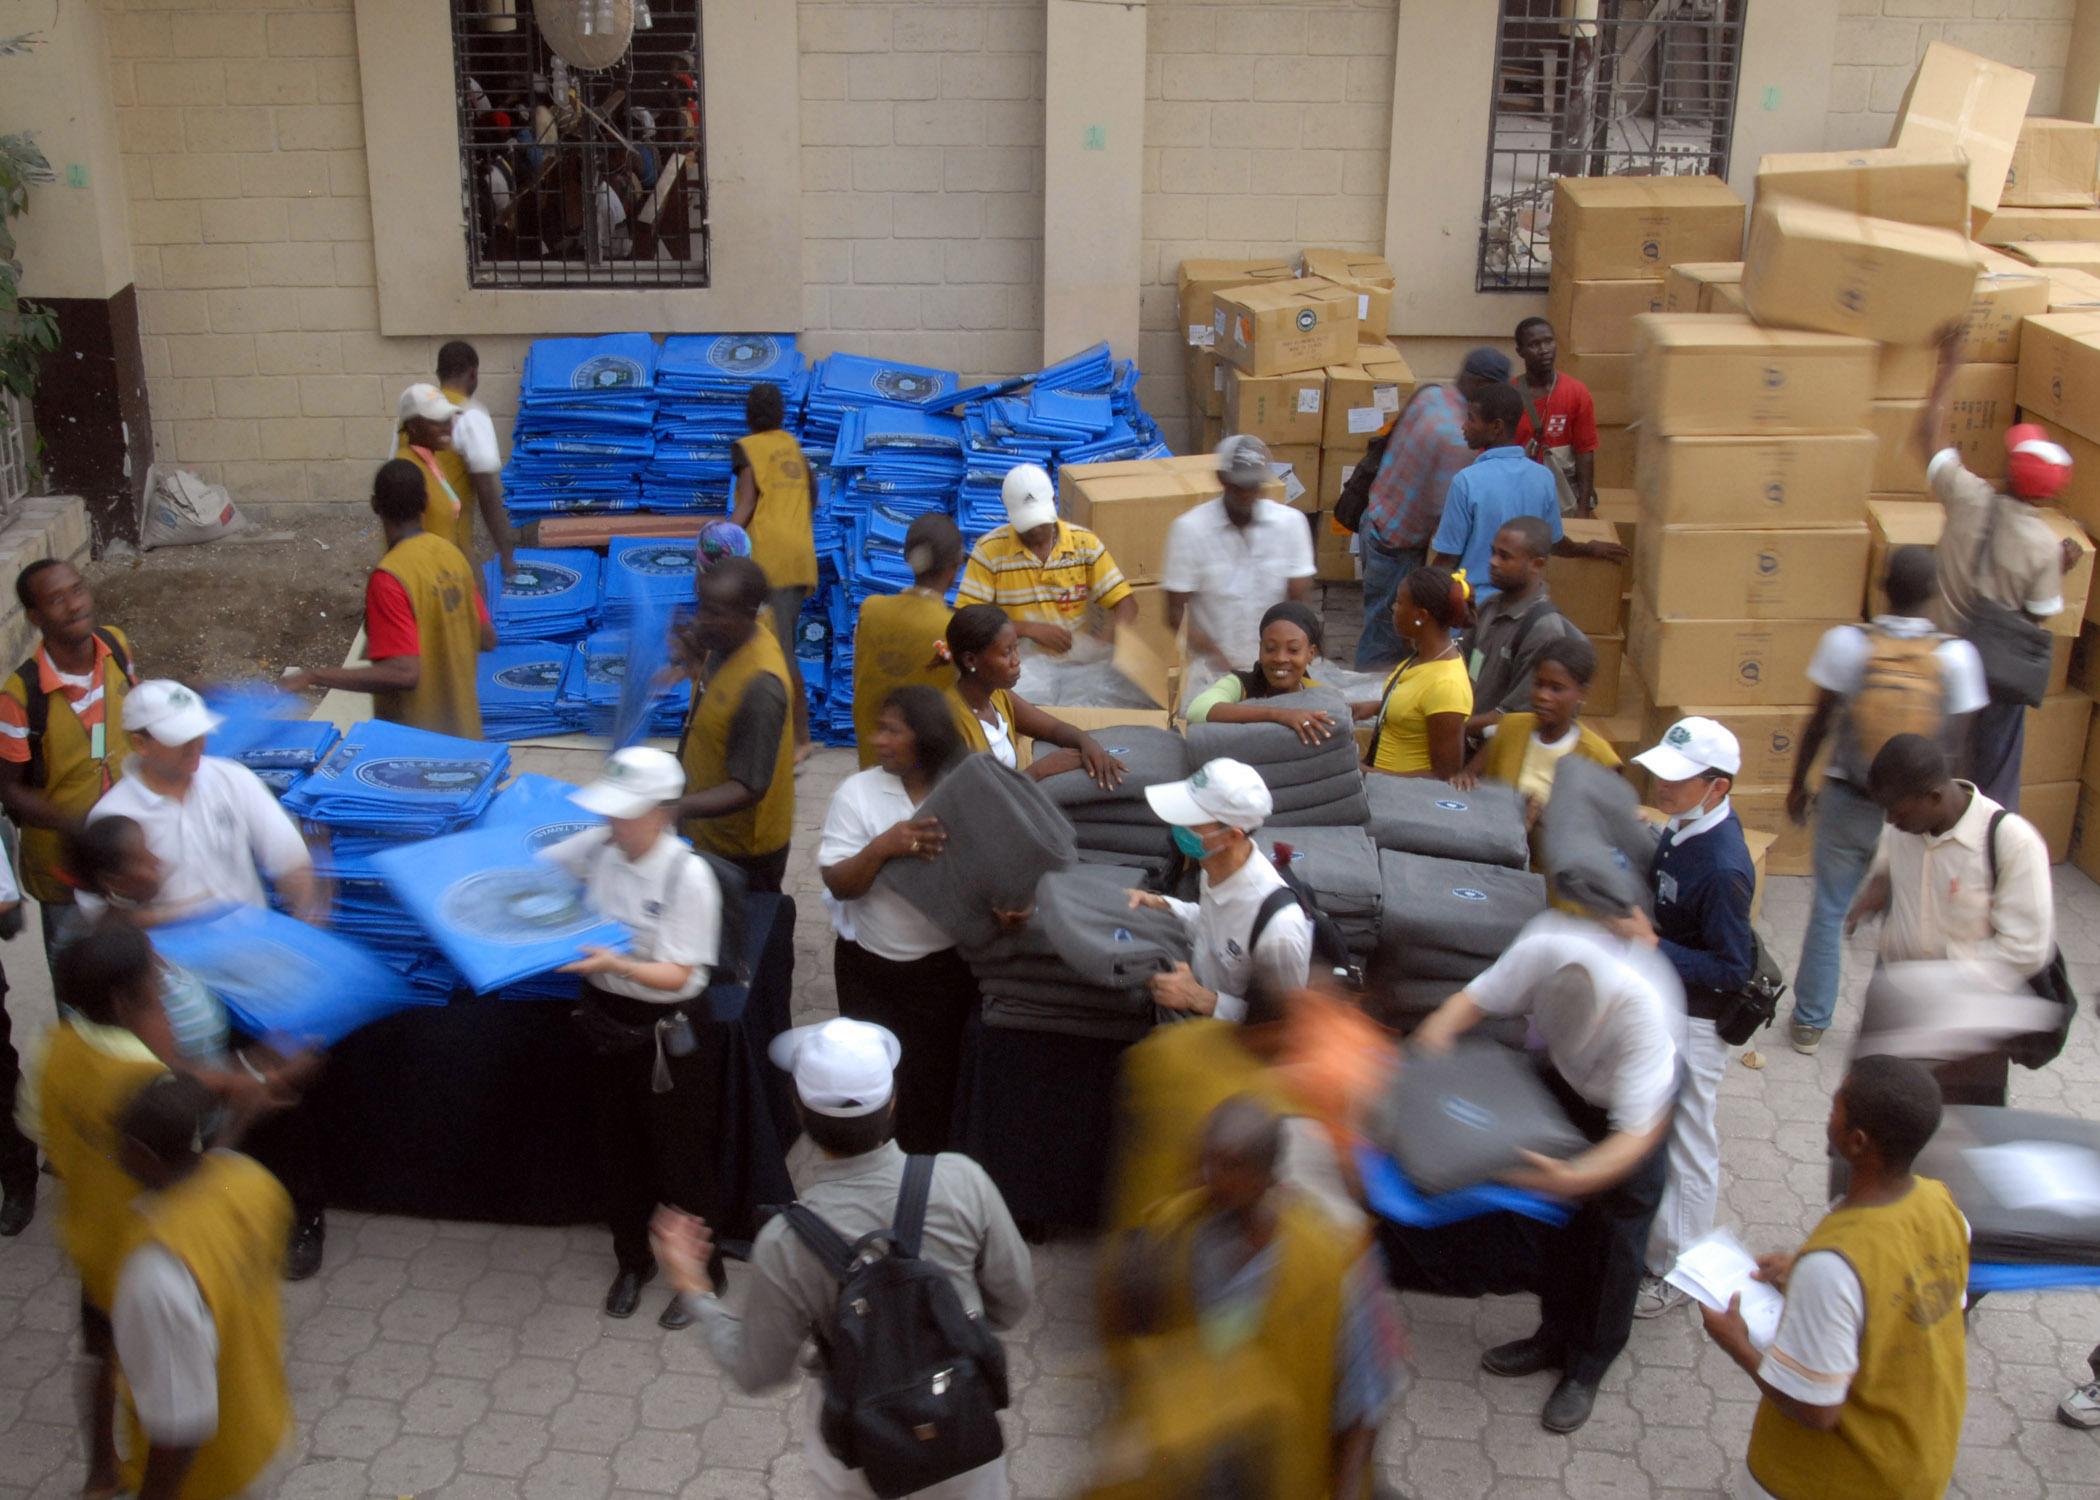 Từ Tế trong một hoạt động cứu trợ sau trận động đất ở Haiti năm 2010. Ảnh: Tzu-chi.